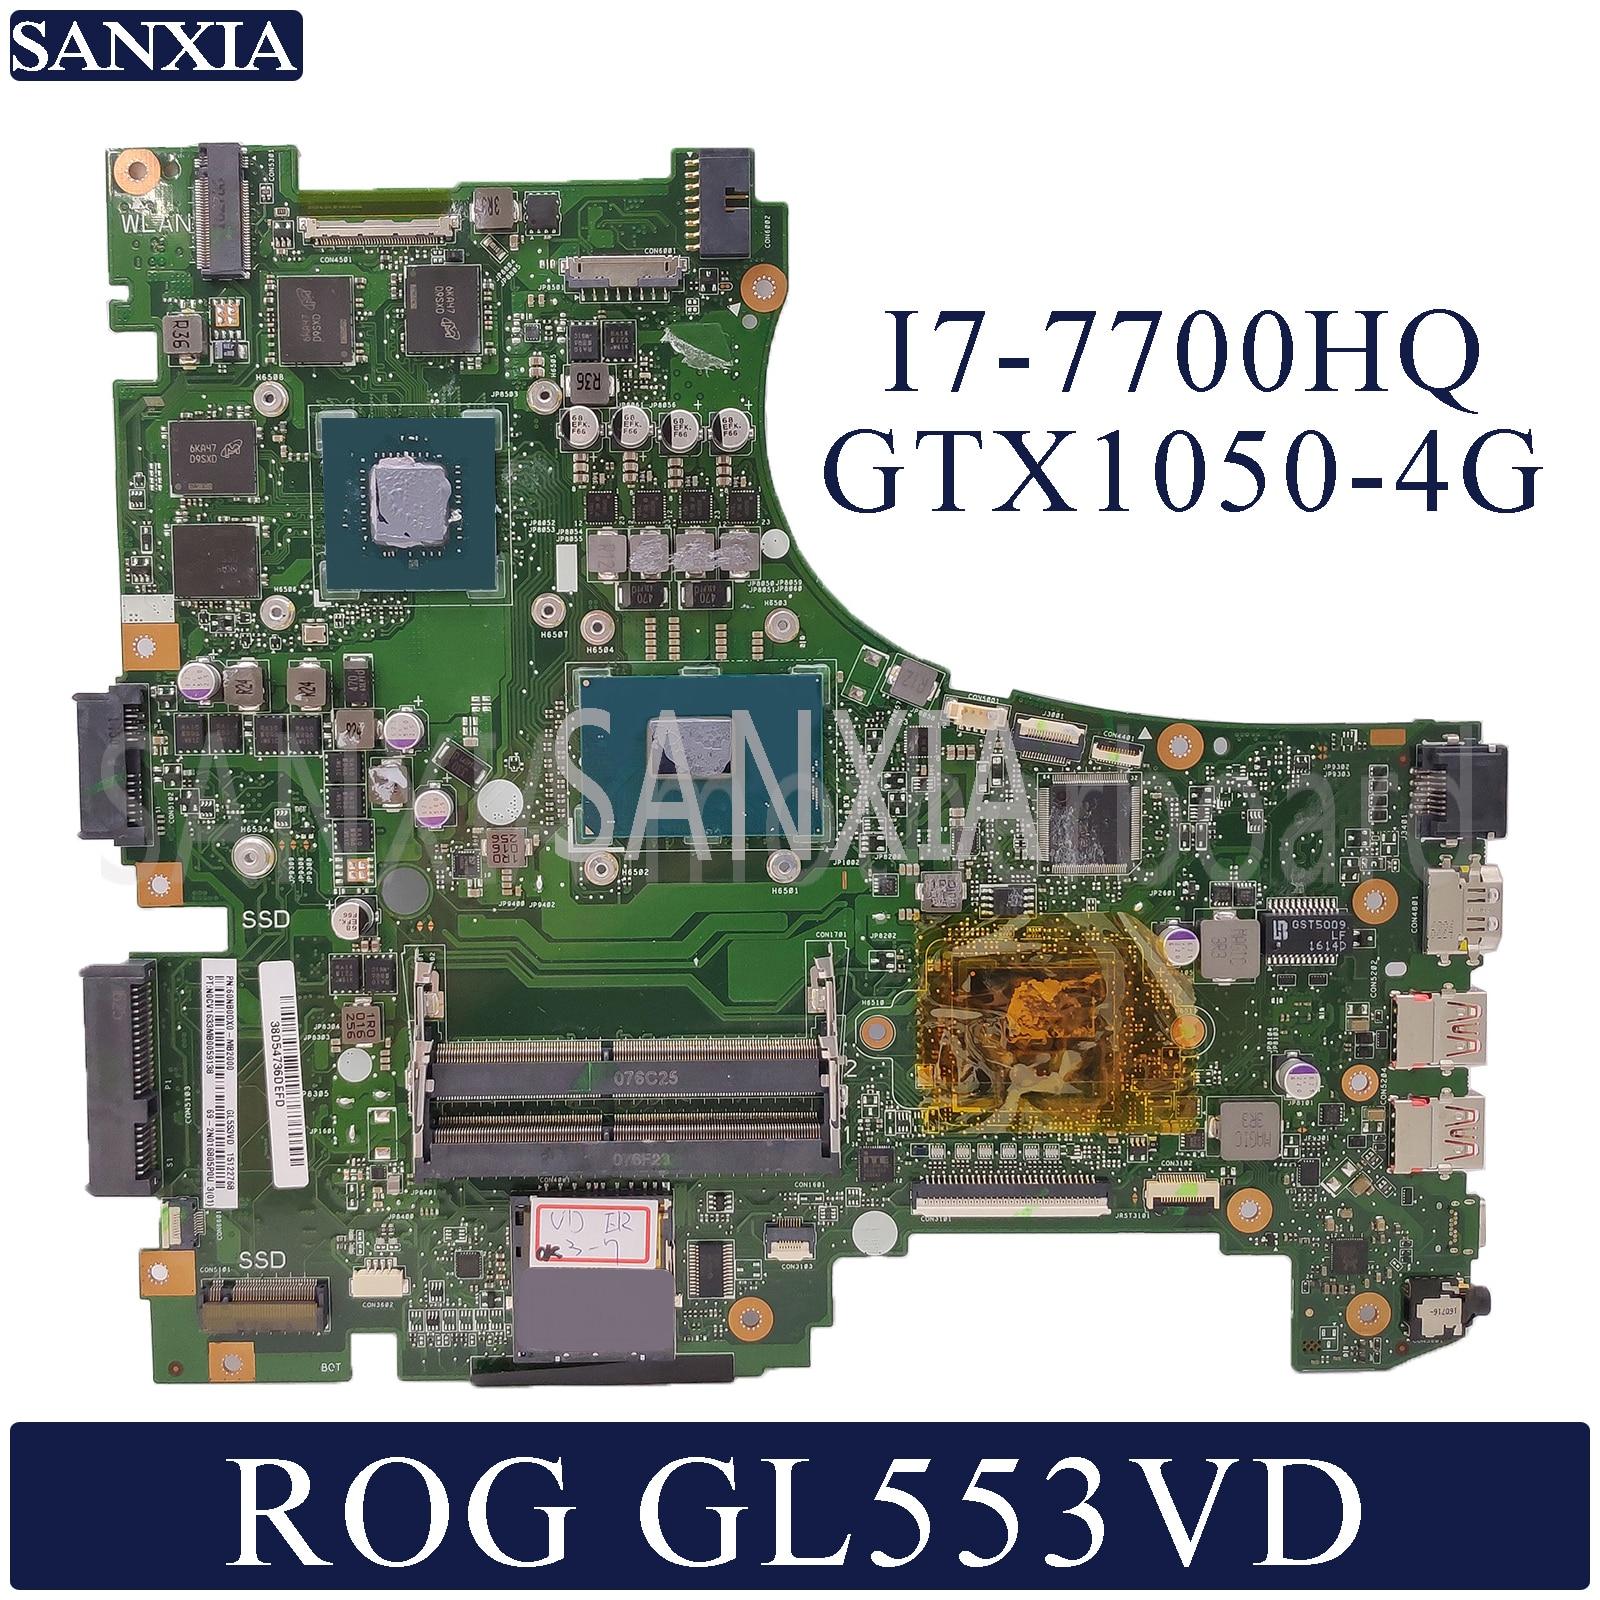 KEFU GL553VD scheda madre Del Computer Portatile per ASUS ROG GL553VD FX53VD ZX53V GL553VW Prova mainboard originale I7-7700HQ GTX1050-4G